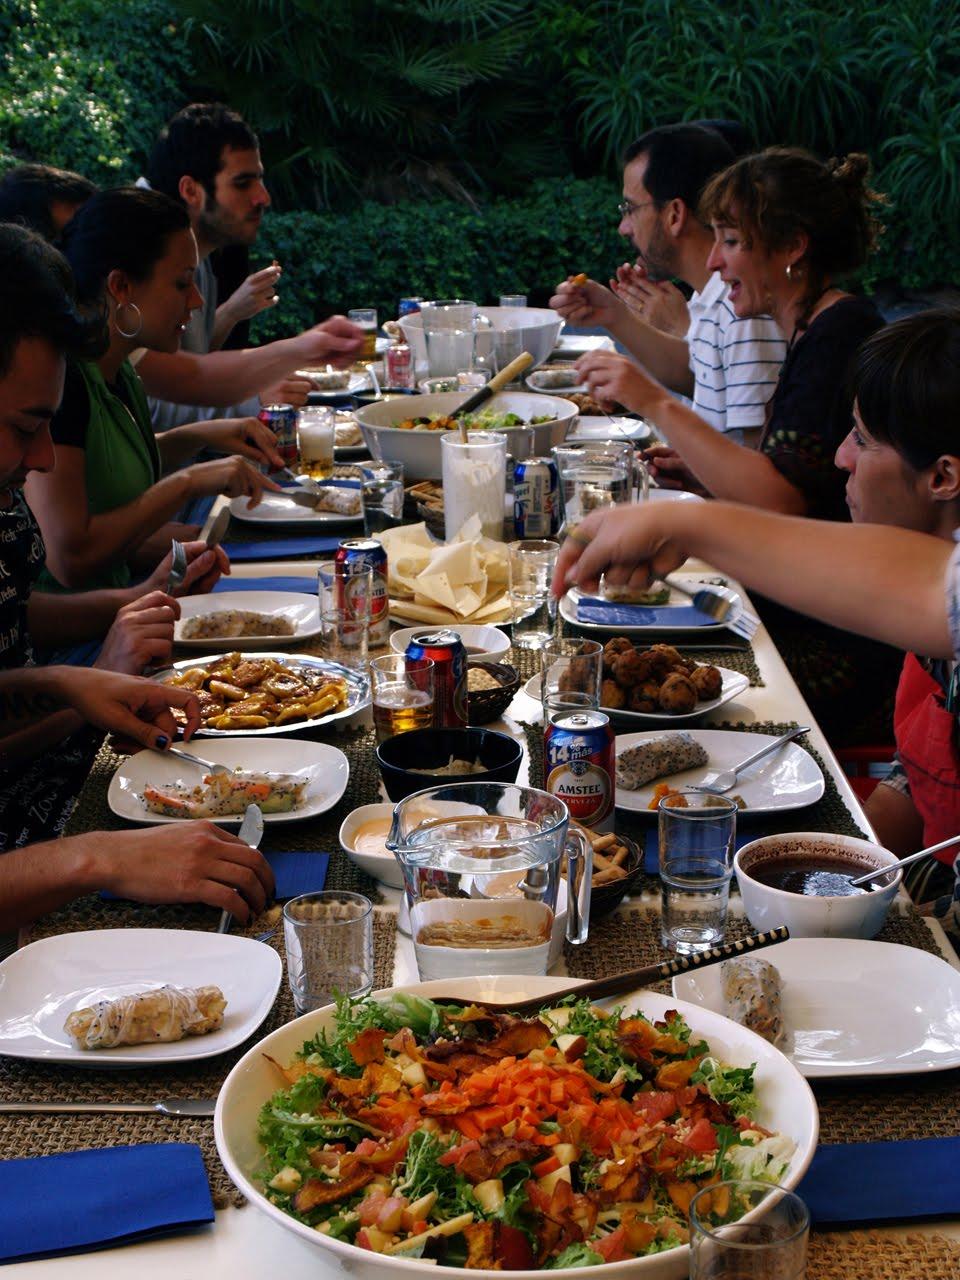 27 de marzo curso de cocina vegetariana - Curso de cocina vegetariana ...